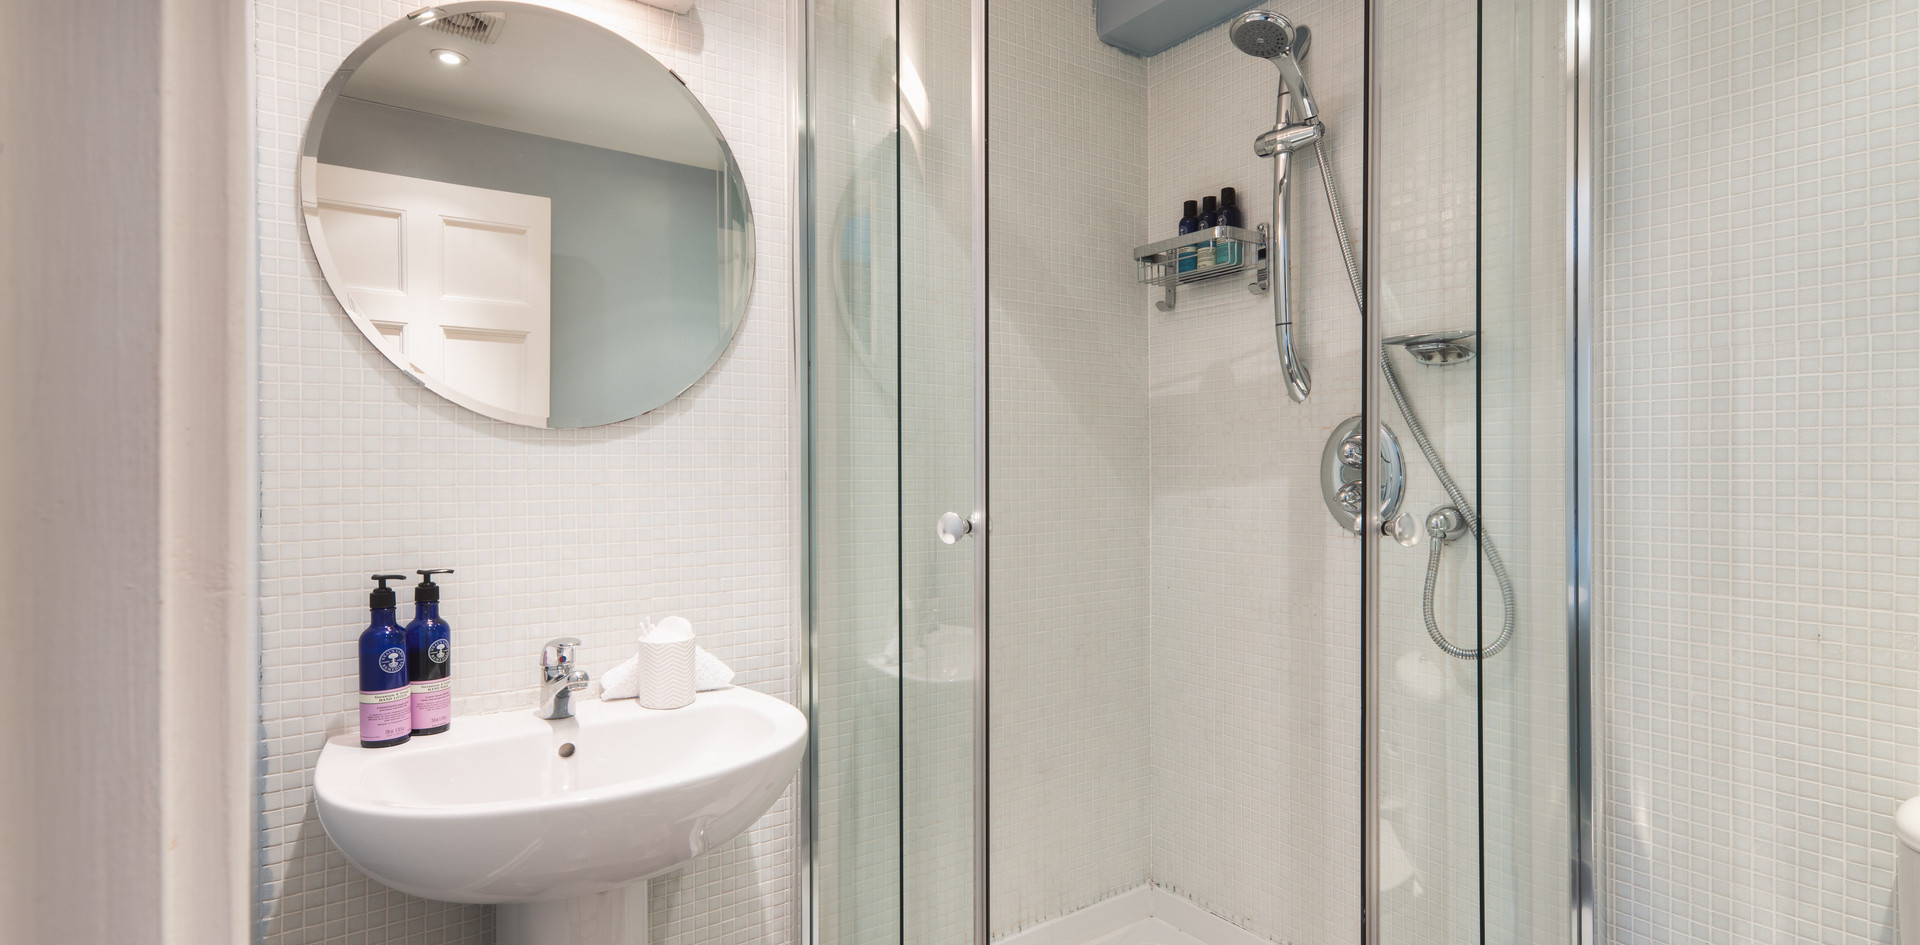 Crown shower room